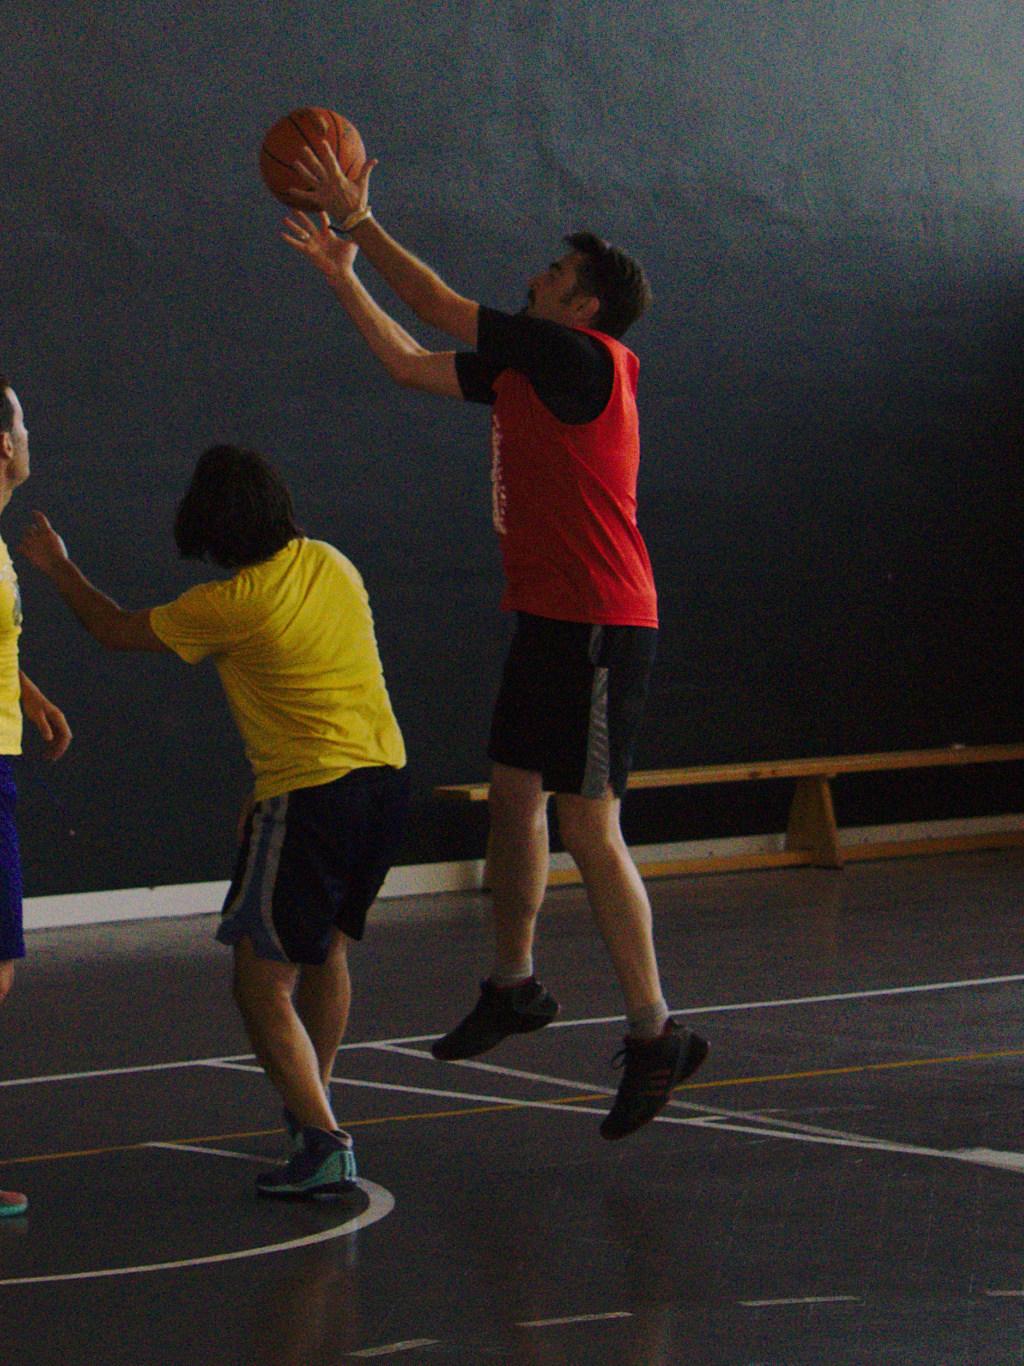 Pachanga De Basket ARF ¡ OTRO AÑO MAS ROCKET CAMPEÓN! - Página 12 Dsc02514